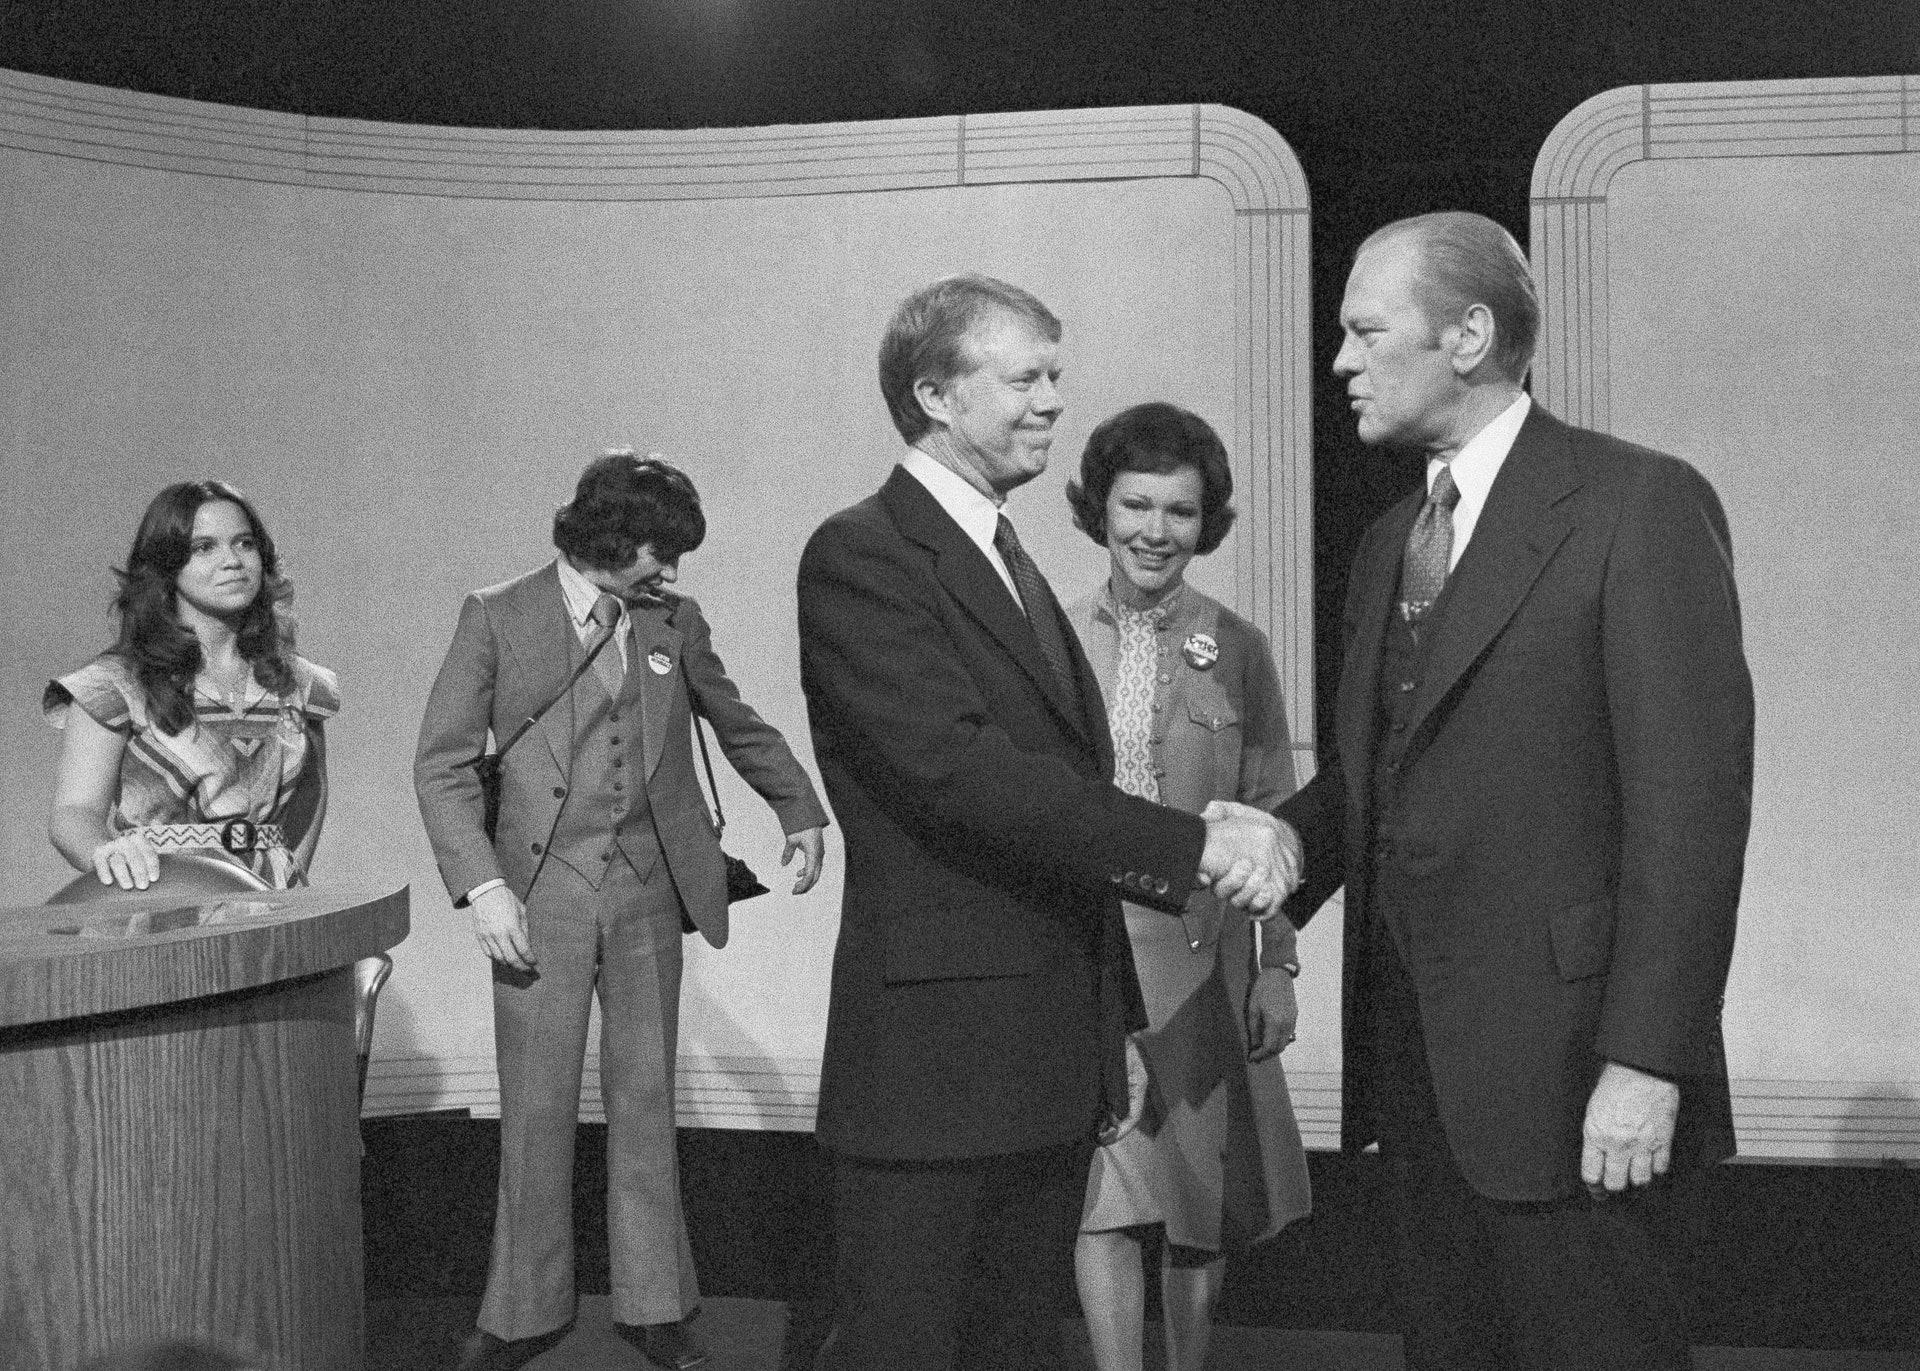 美国总统候选人辩论4:美国乔治亚州前州长卡特1976年挑战时任总统福特,二人同年进行时隔16年的首场总统电视辩论。 卡特最终胜出大选,成为美国总统。 图为1976年10月6日卡特在三藩市与福特进行辩论,二人在总结环节时握手。 (AP)